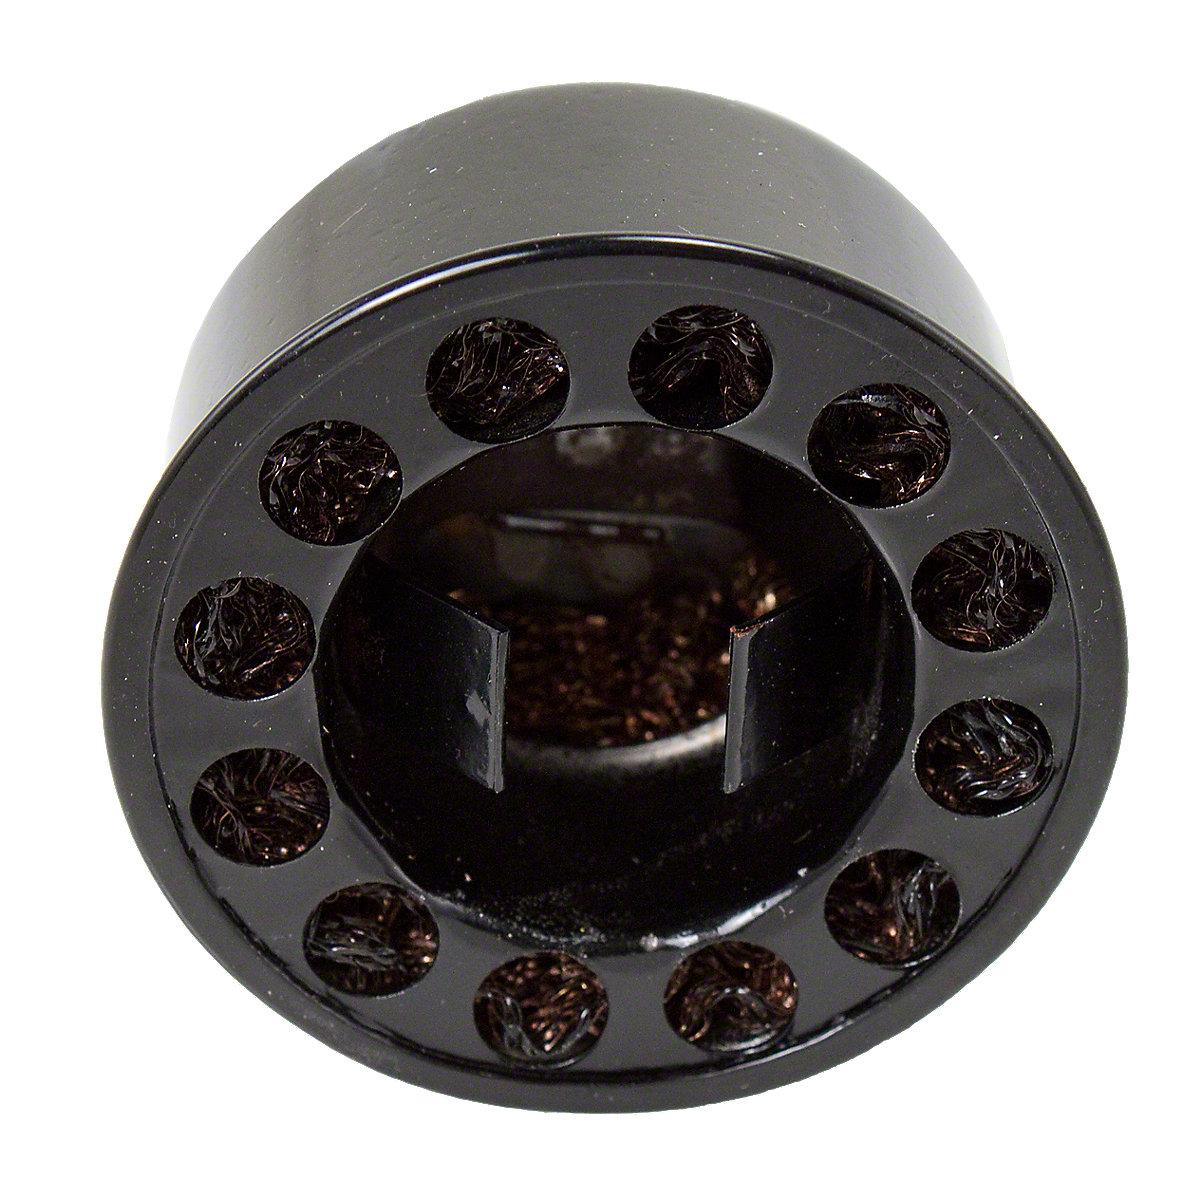 Oil Fill Breather Cap For Allis Chalmers: B, C, CA, D10, D12, D14, D17, H3, I40, I400, I60, I600, IB, RC, WD45, 170, 175